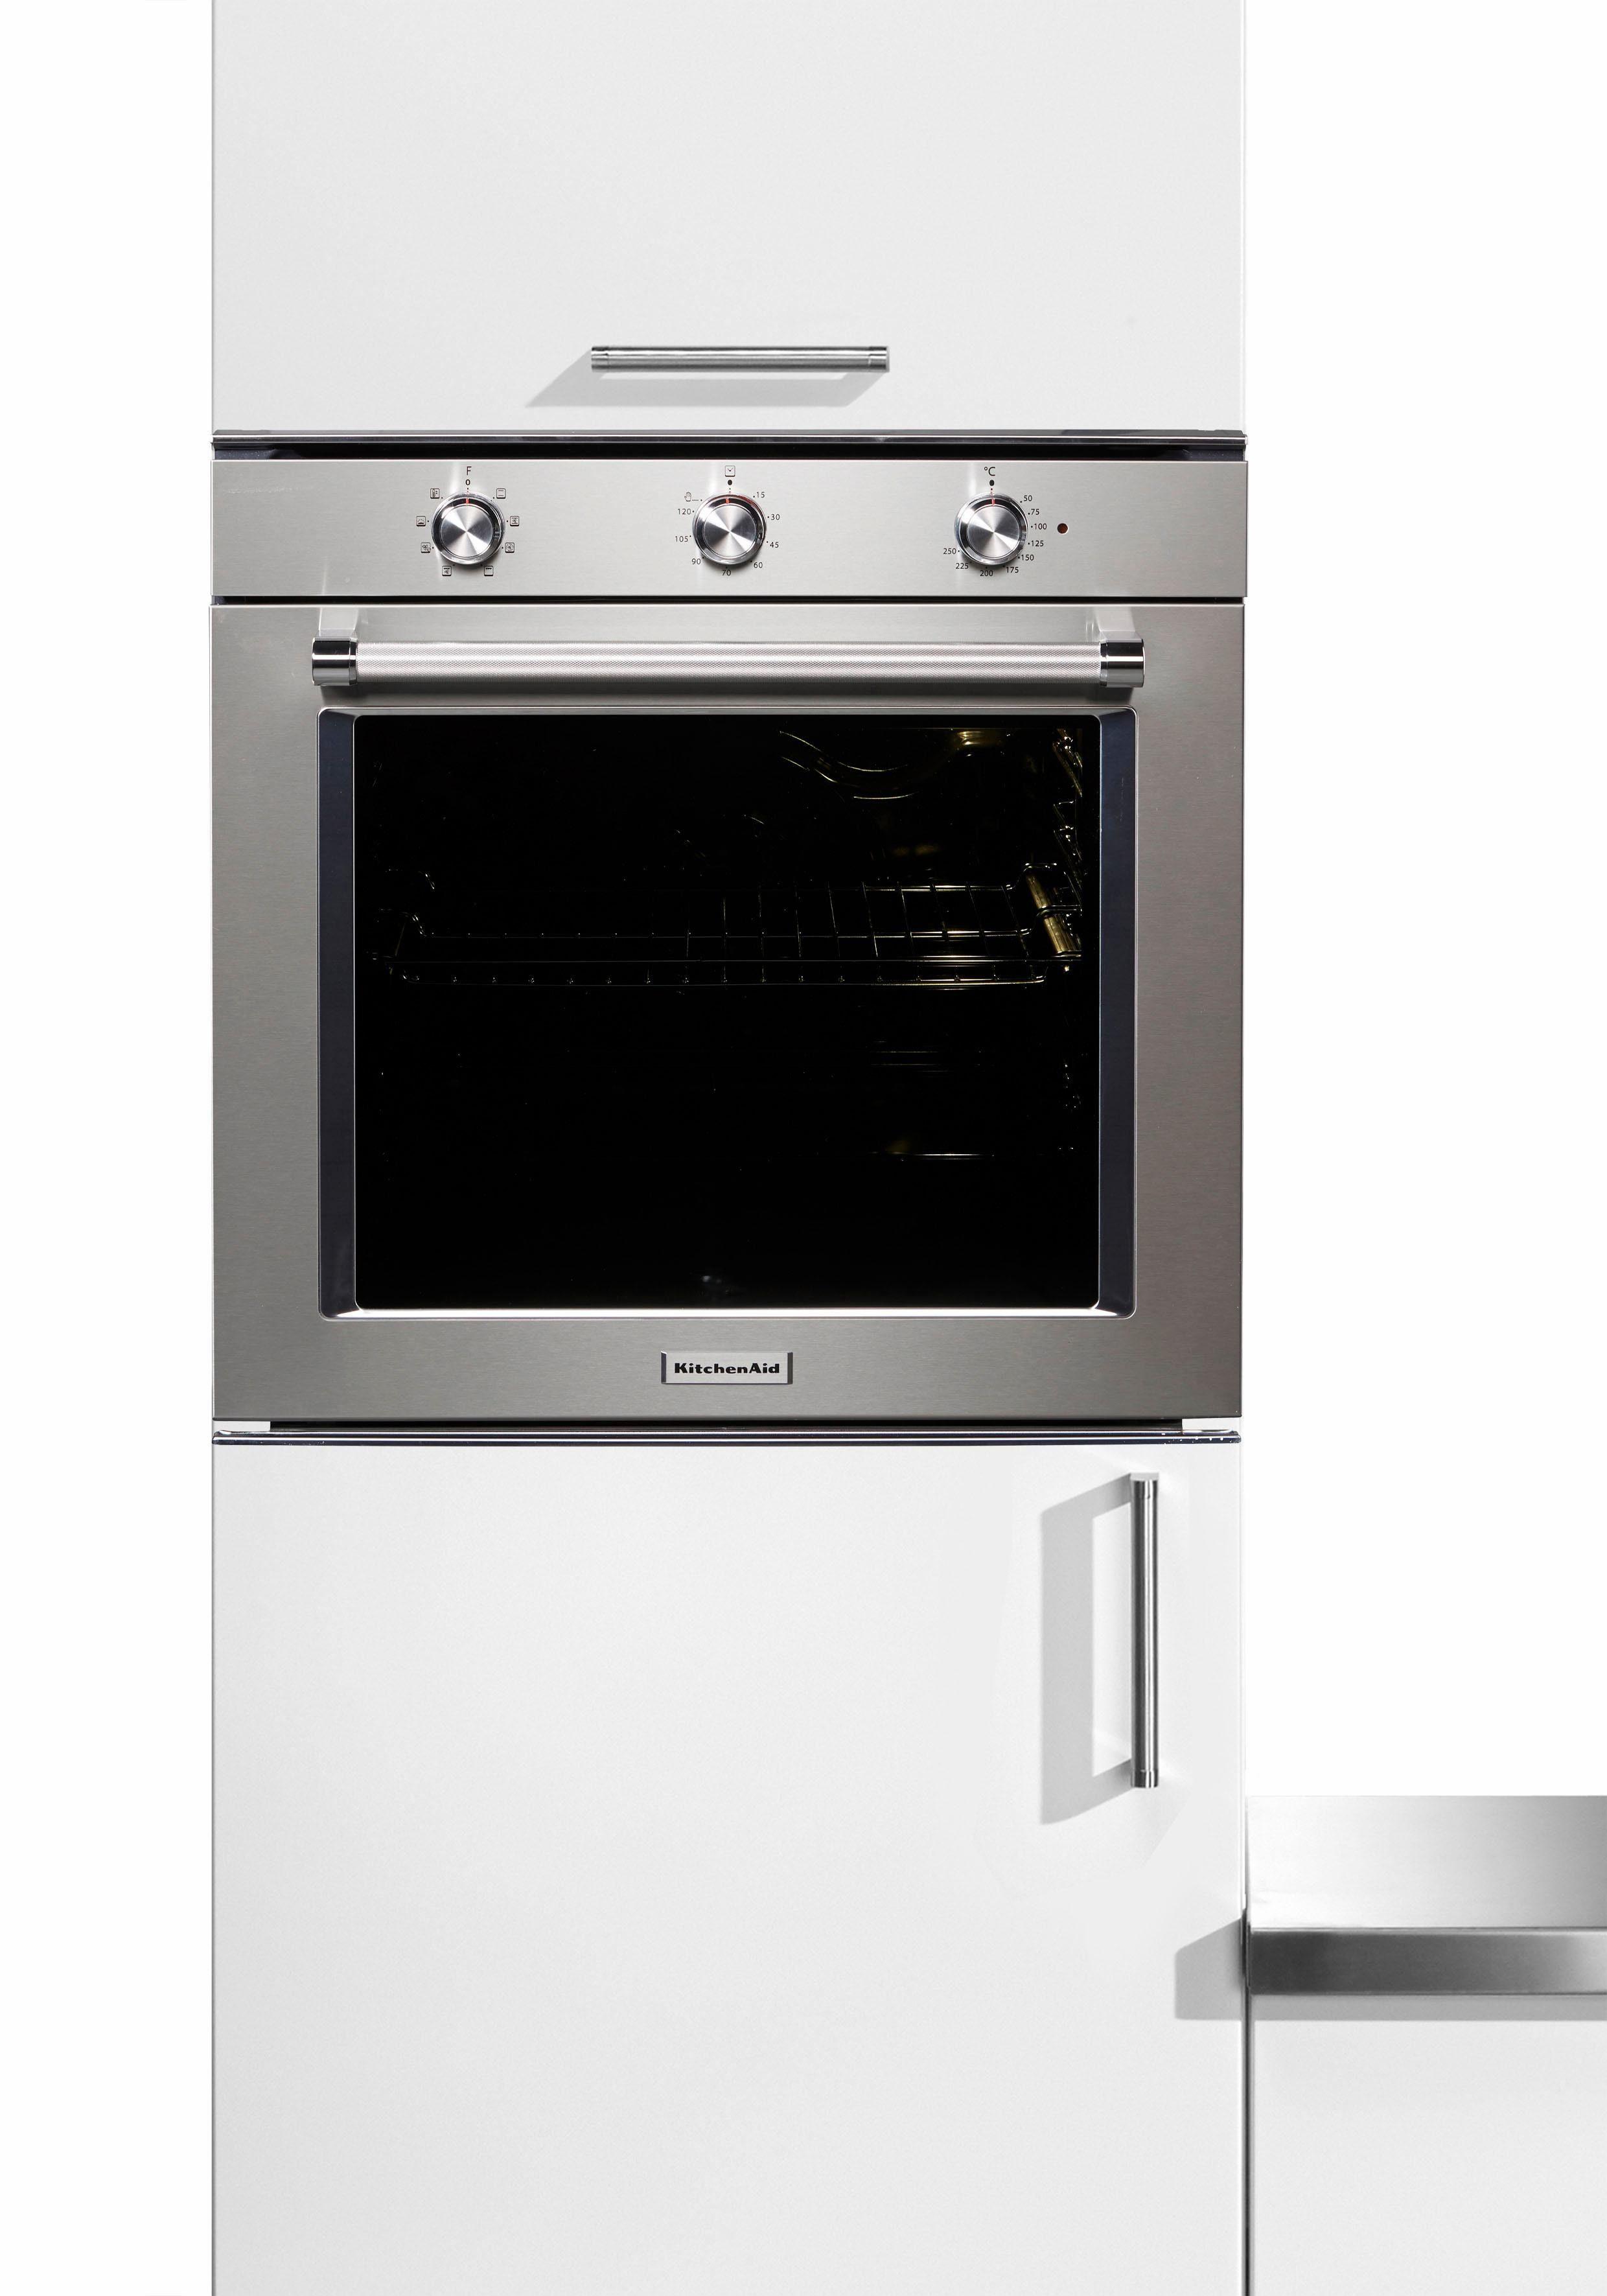 KitchenAid Einbaubackofen KOGSS 60600, A+